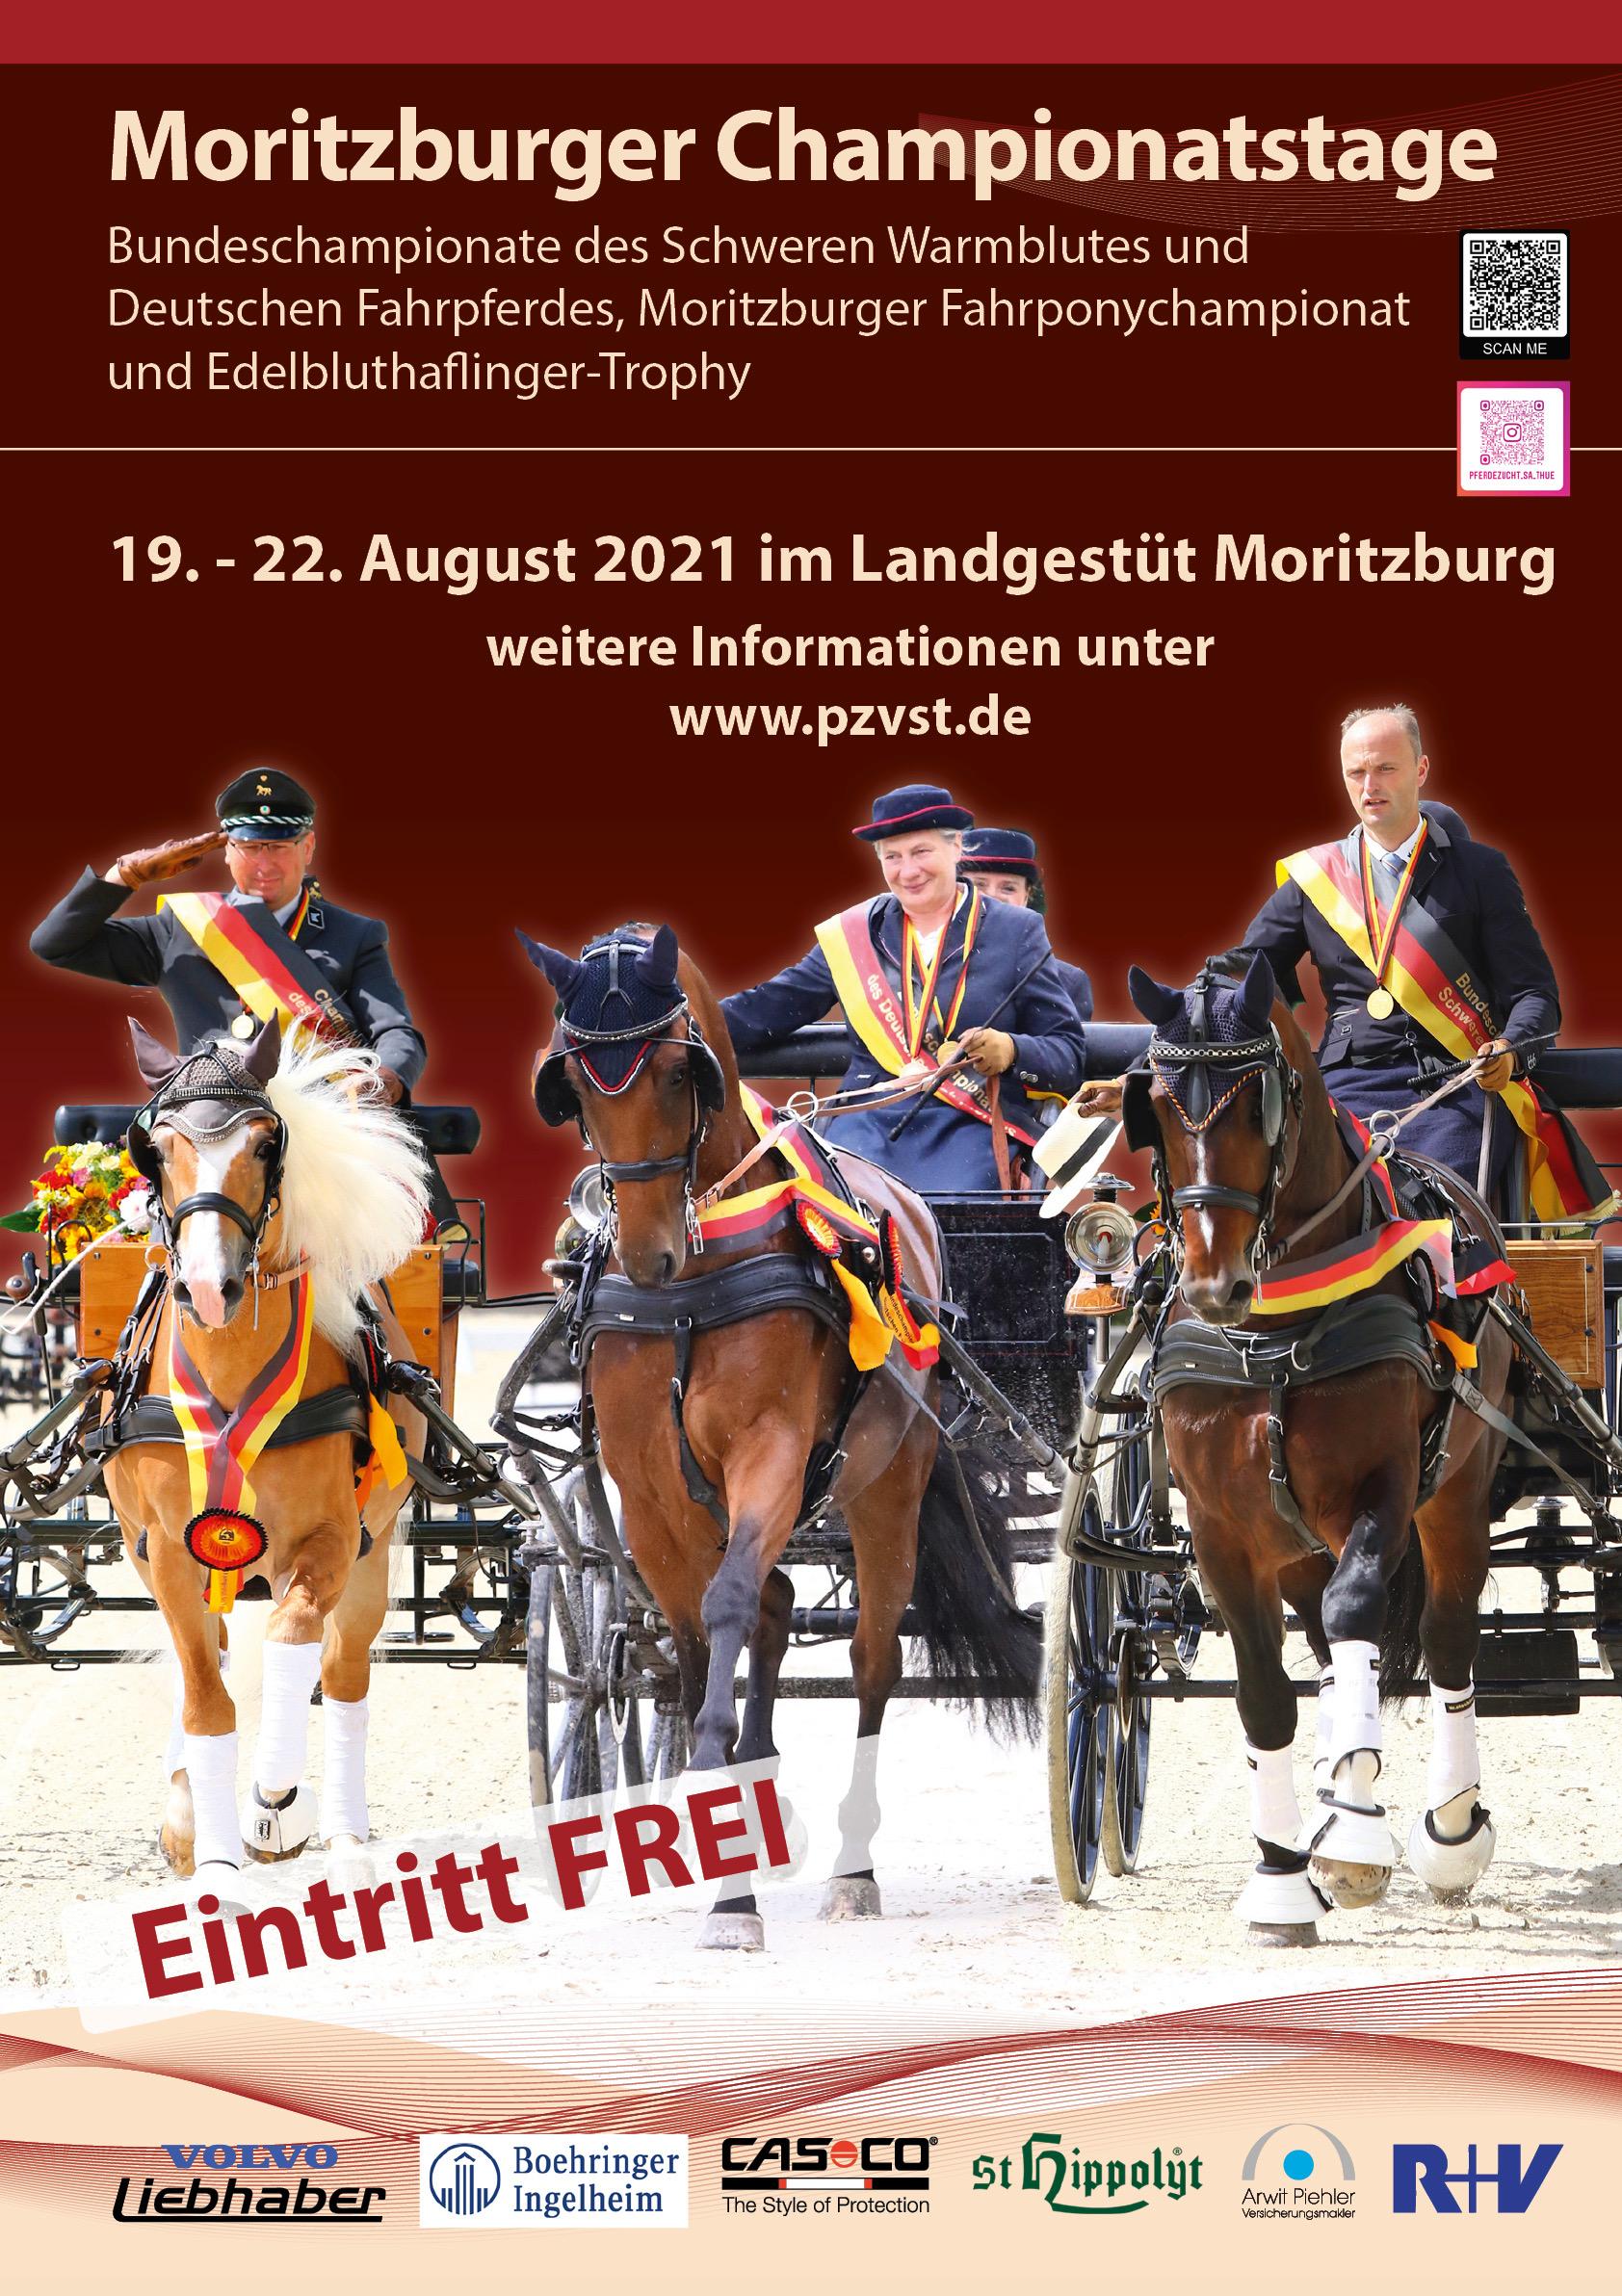 Bundeschampionat Moritzburg 2021